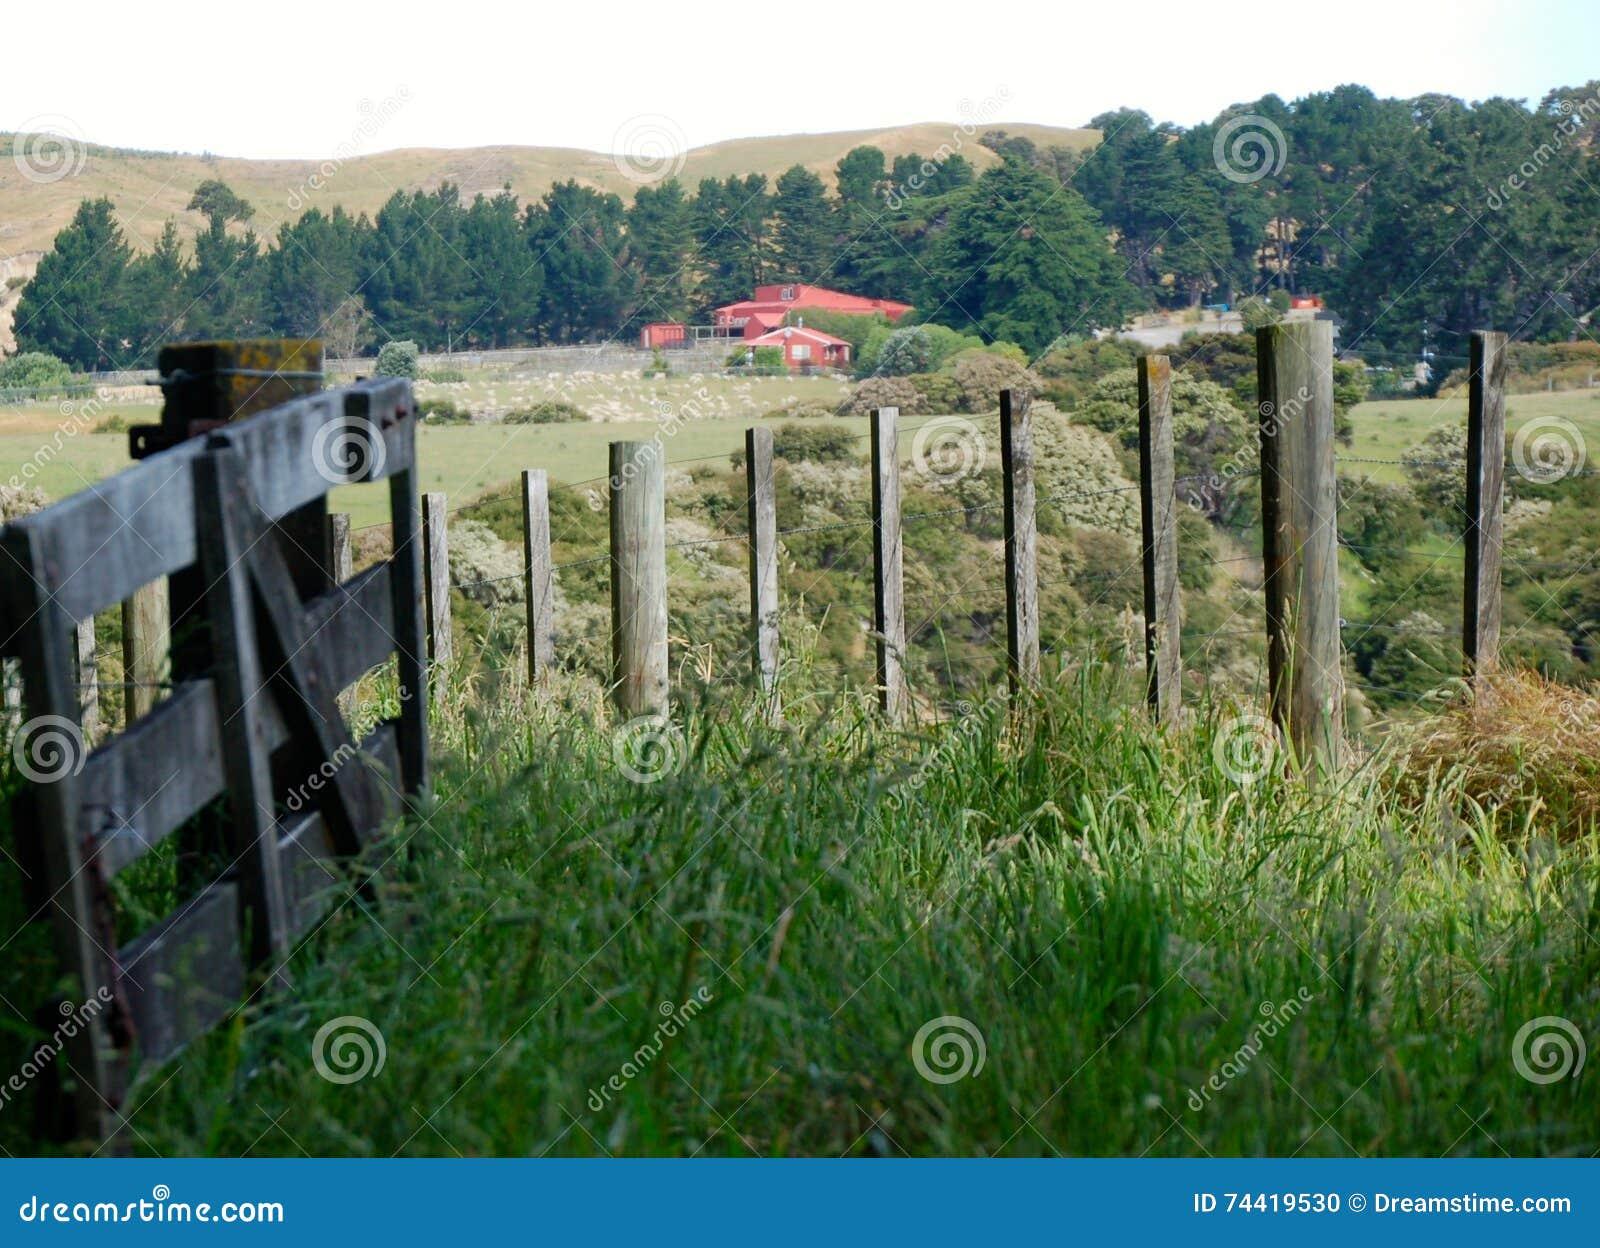 美好的风景,农田,土气风景